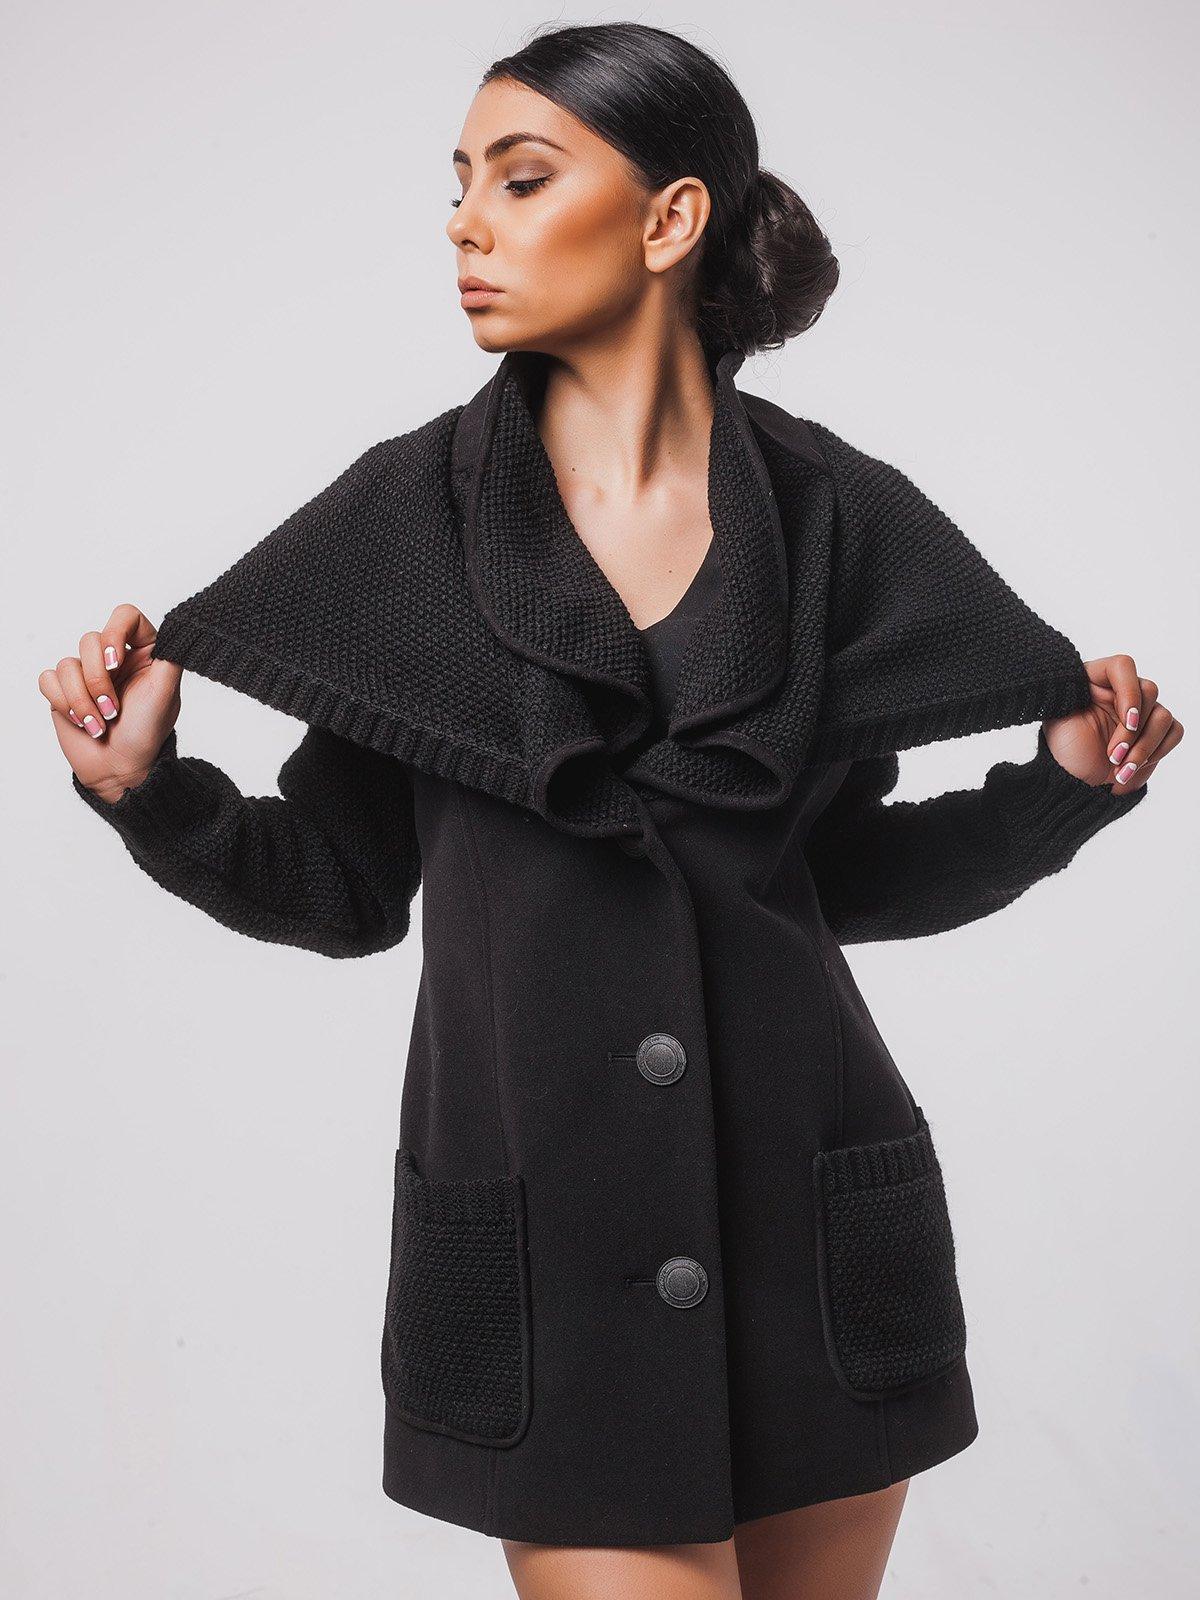 Пальто чорне   2107053   фото 3